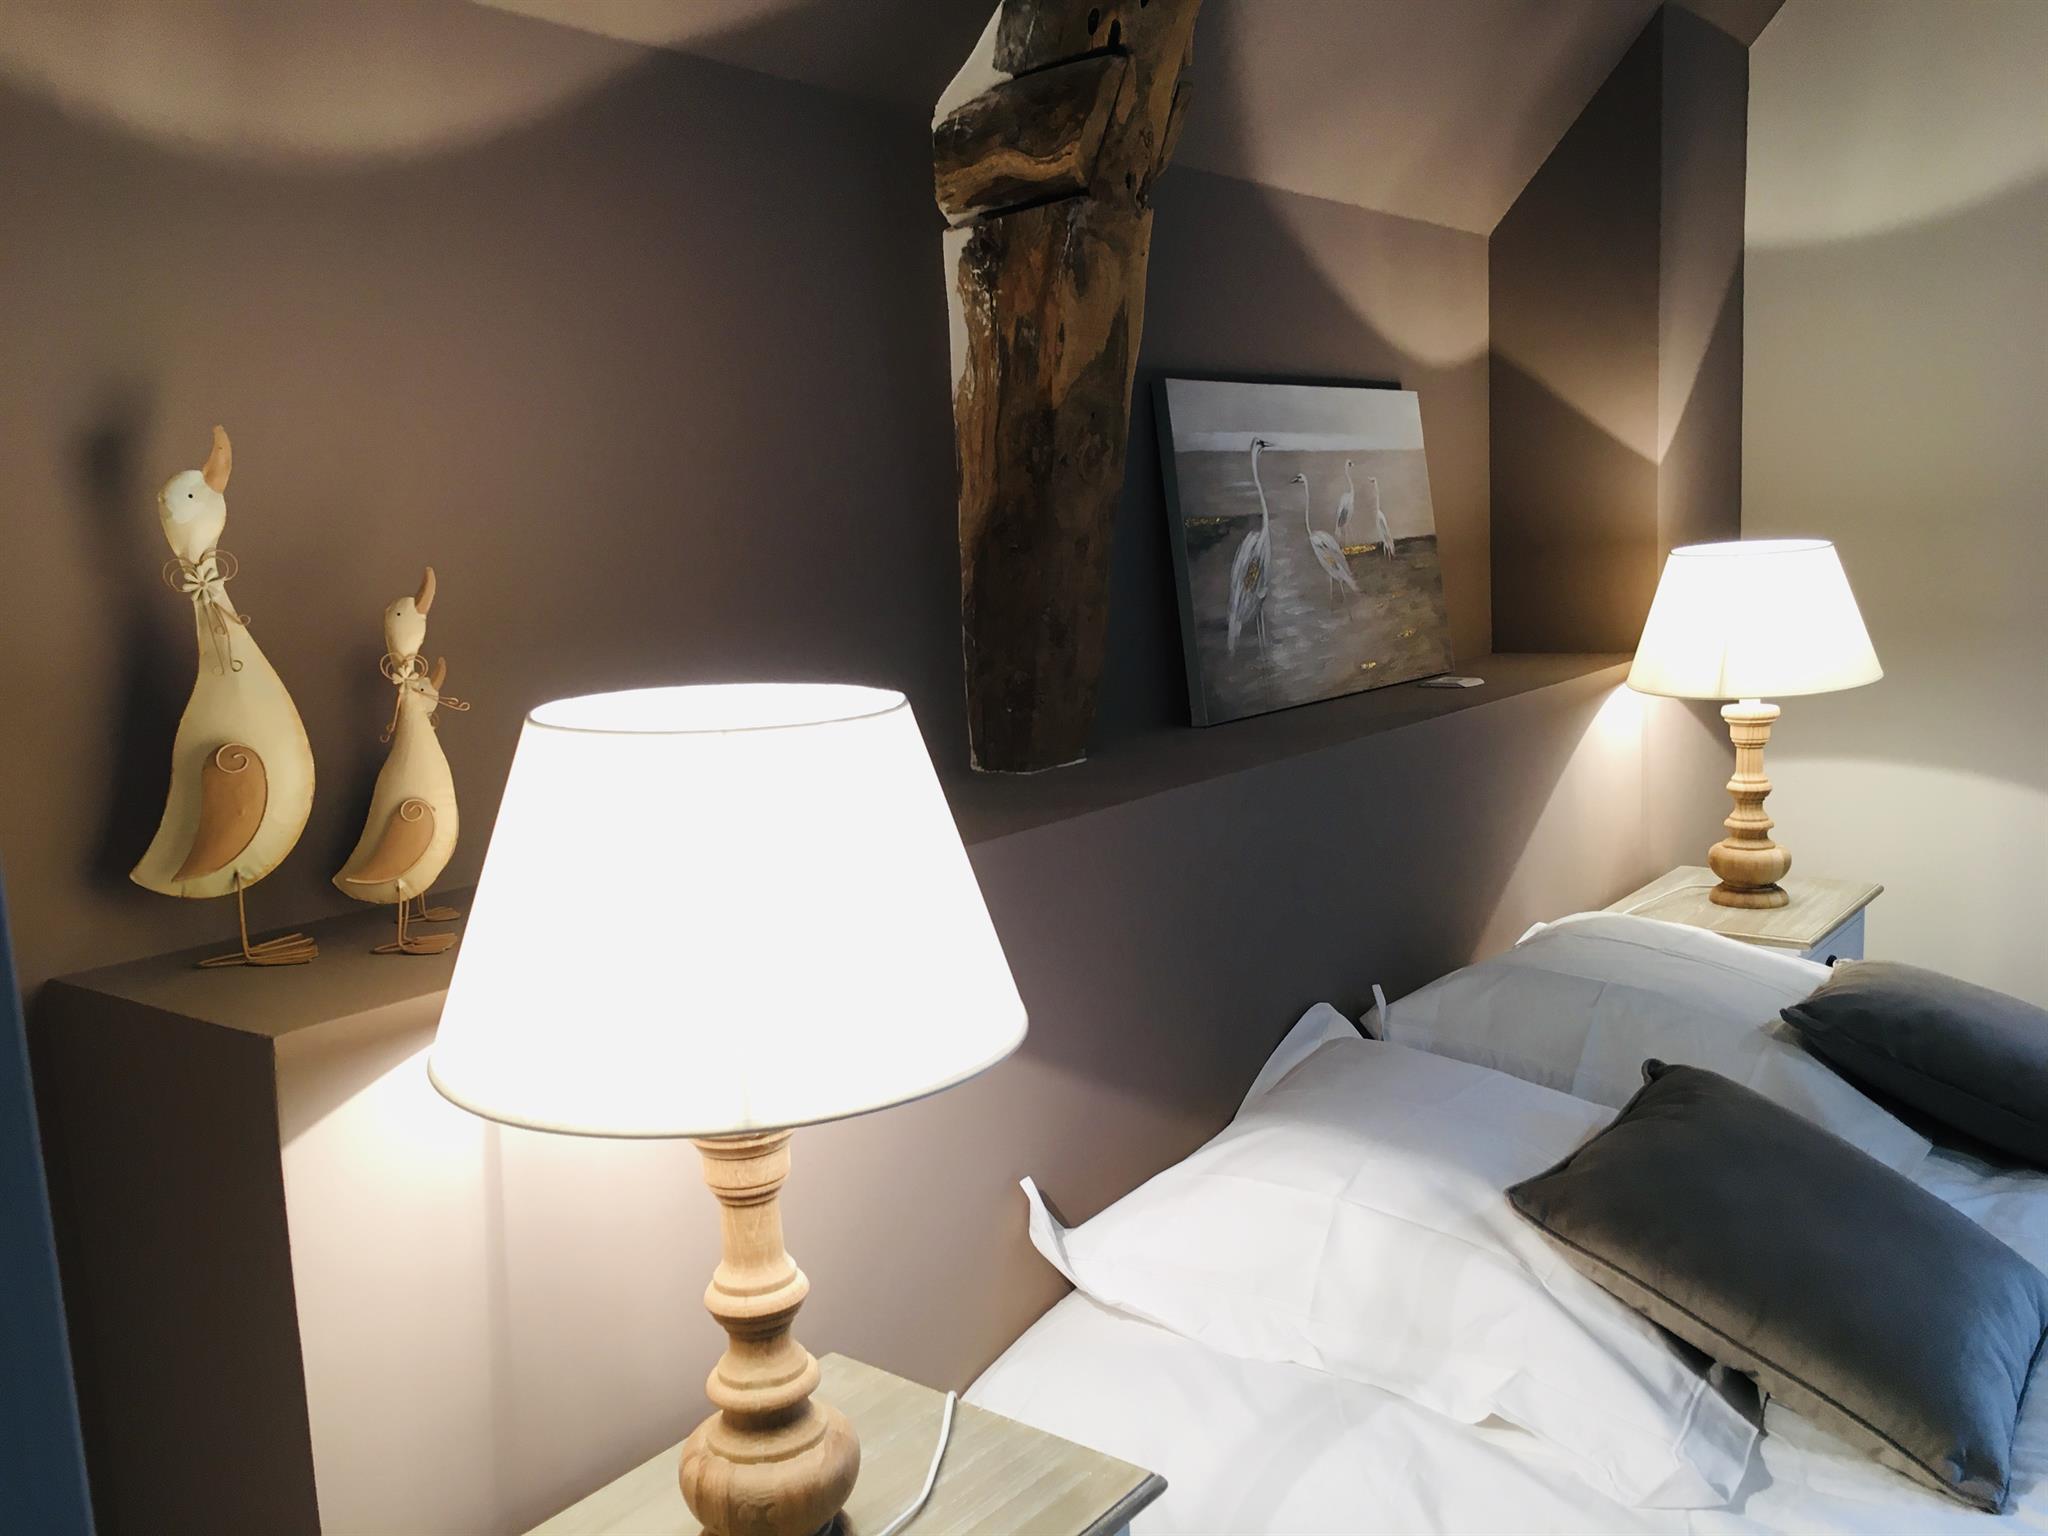 Ferienhaus Le Balcon de Louise Ferienhaus, Etagendusche oder -bad, 4 oder mehr Schlafräume (2776940), Gramat, Lot, Midi-Pyrénées, Frankreich, Bild 35